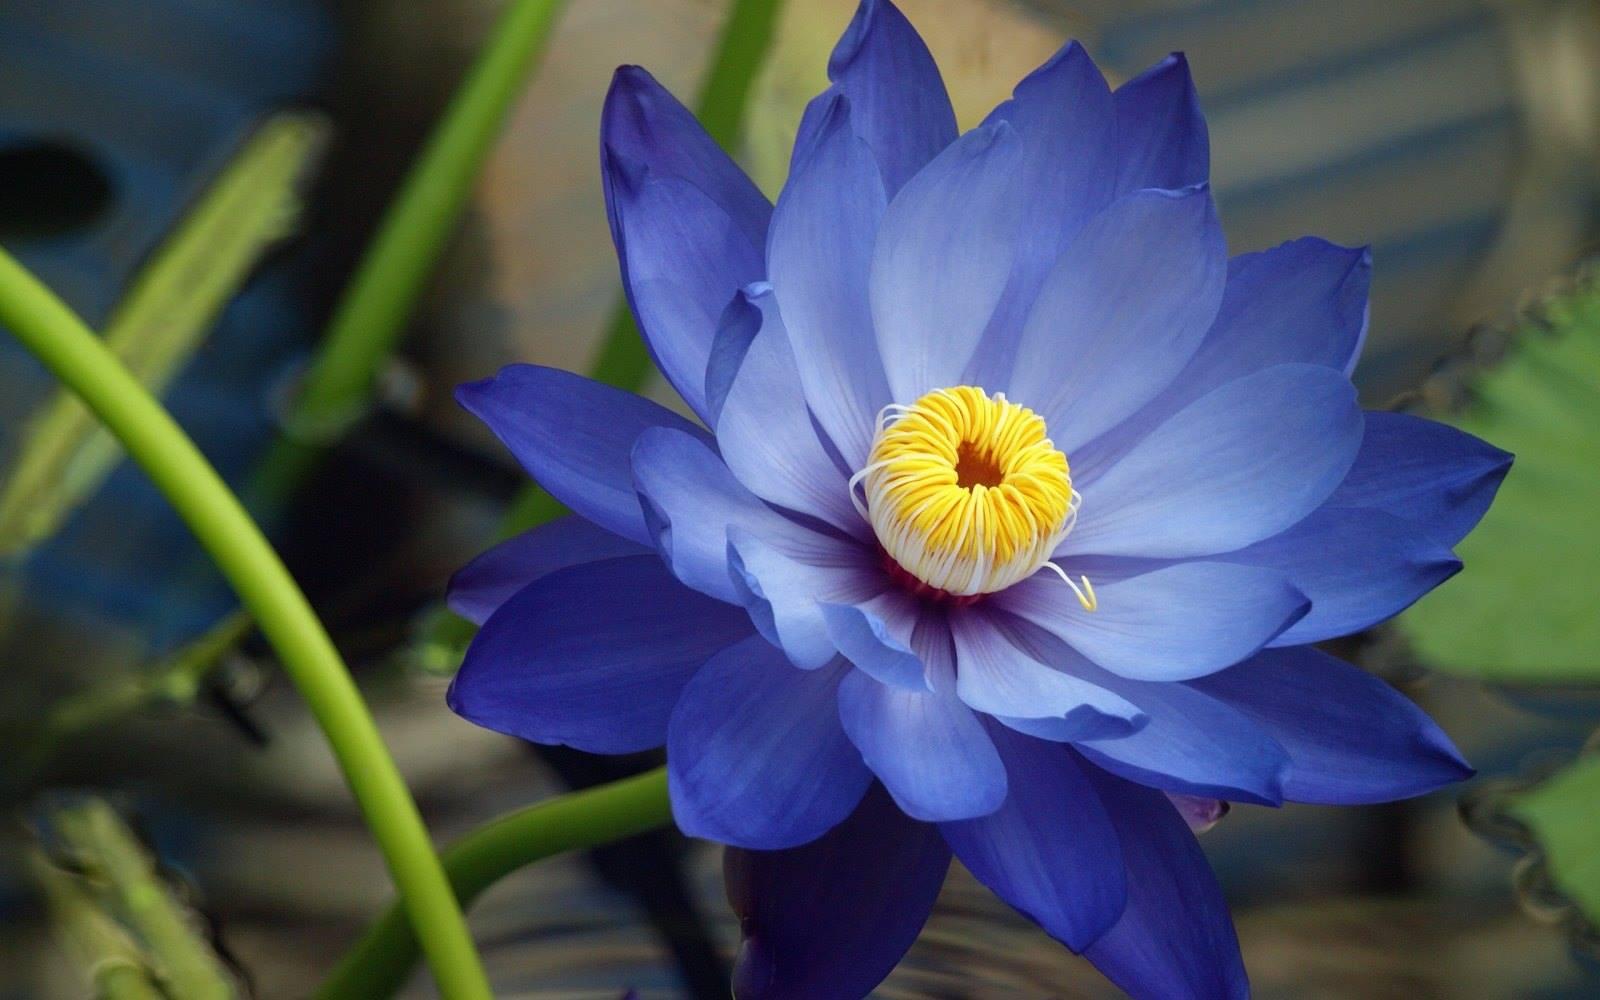 Ảnh hoa sen xanh tím đẹp nhất